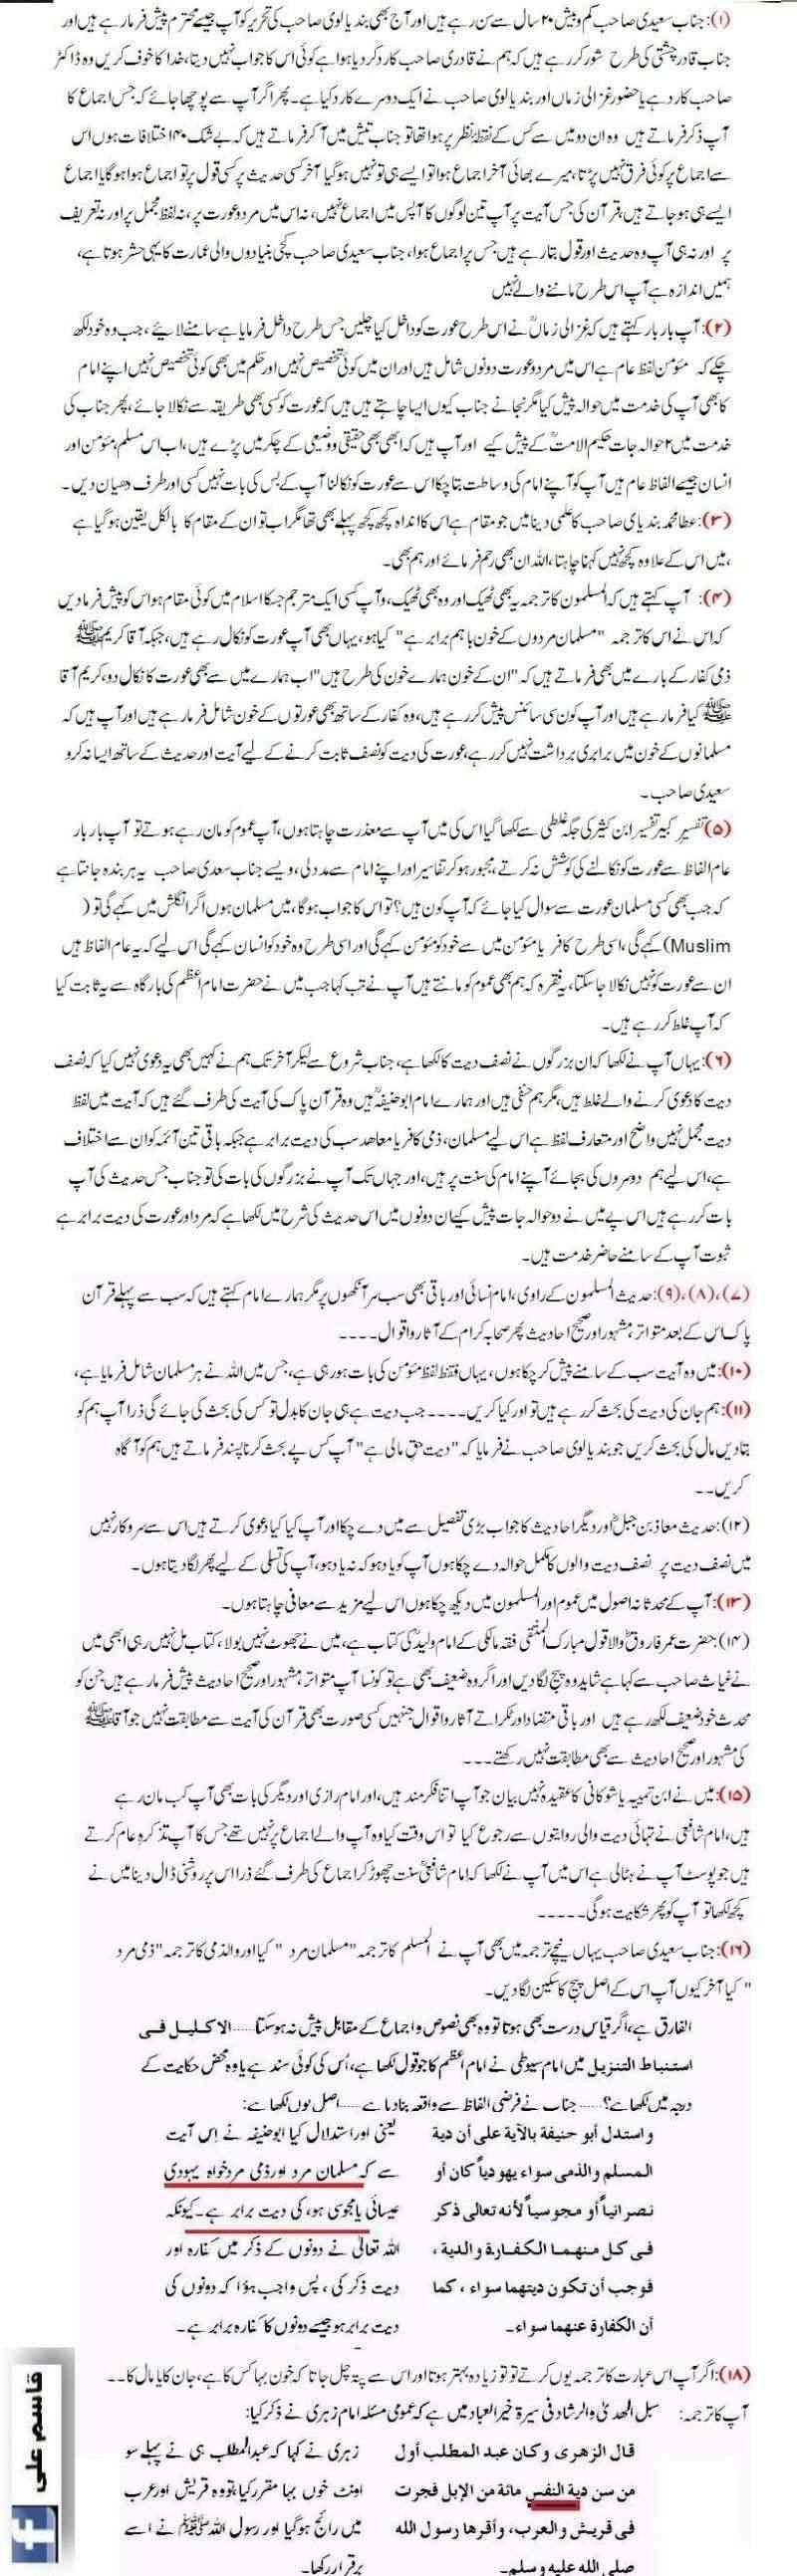 دیت کی جعلی فتوی فیکٹری پر منہاج القرآن کی فتح کا جھنڈا - Page 2 Qasim110